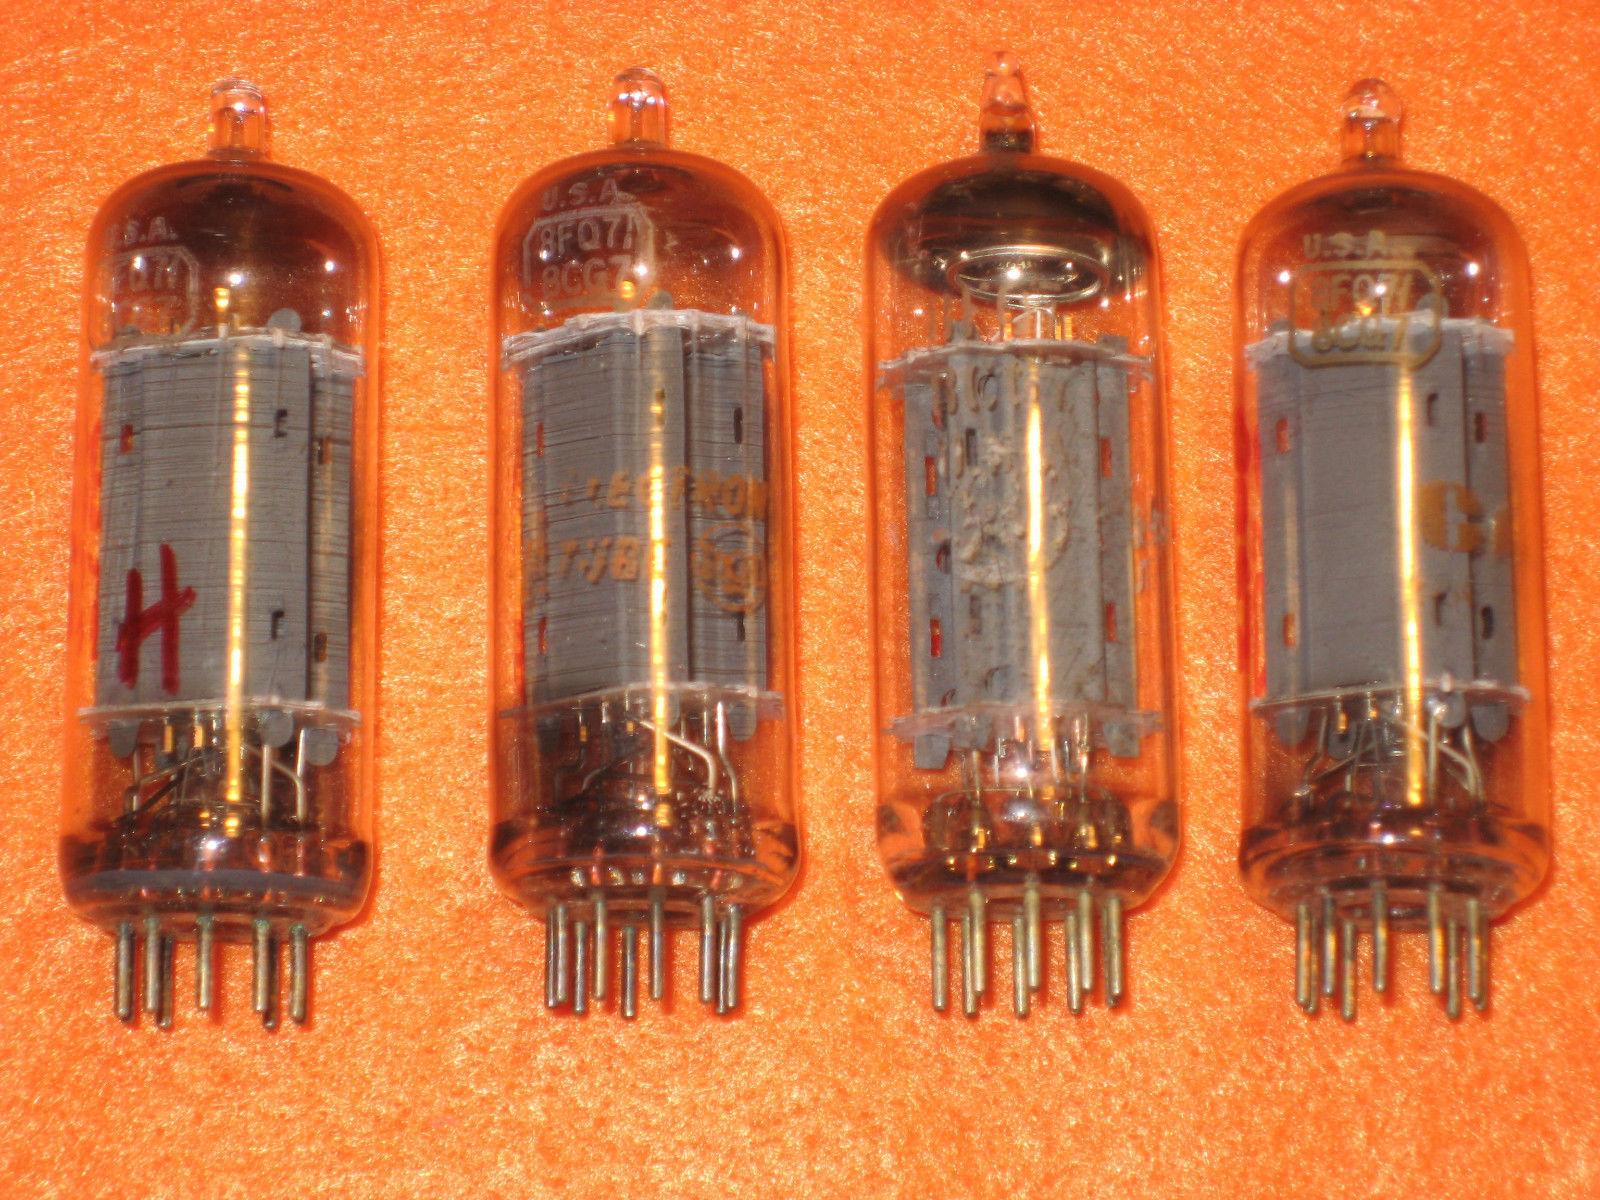 Vintage Radio Vacuum Tube (one): 8FQ7 / 8CG7 - Tested Good